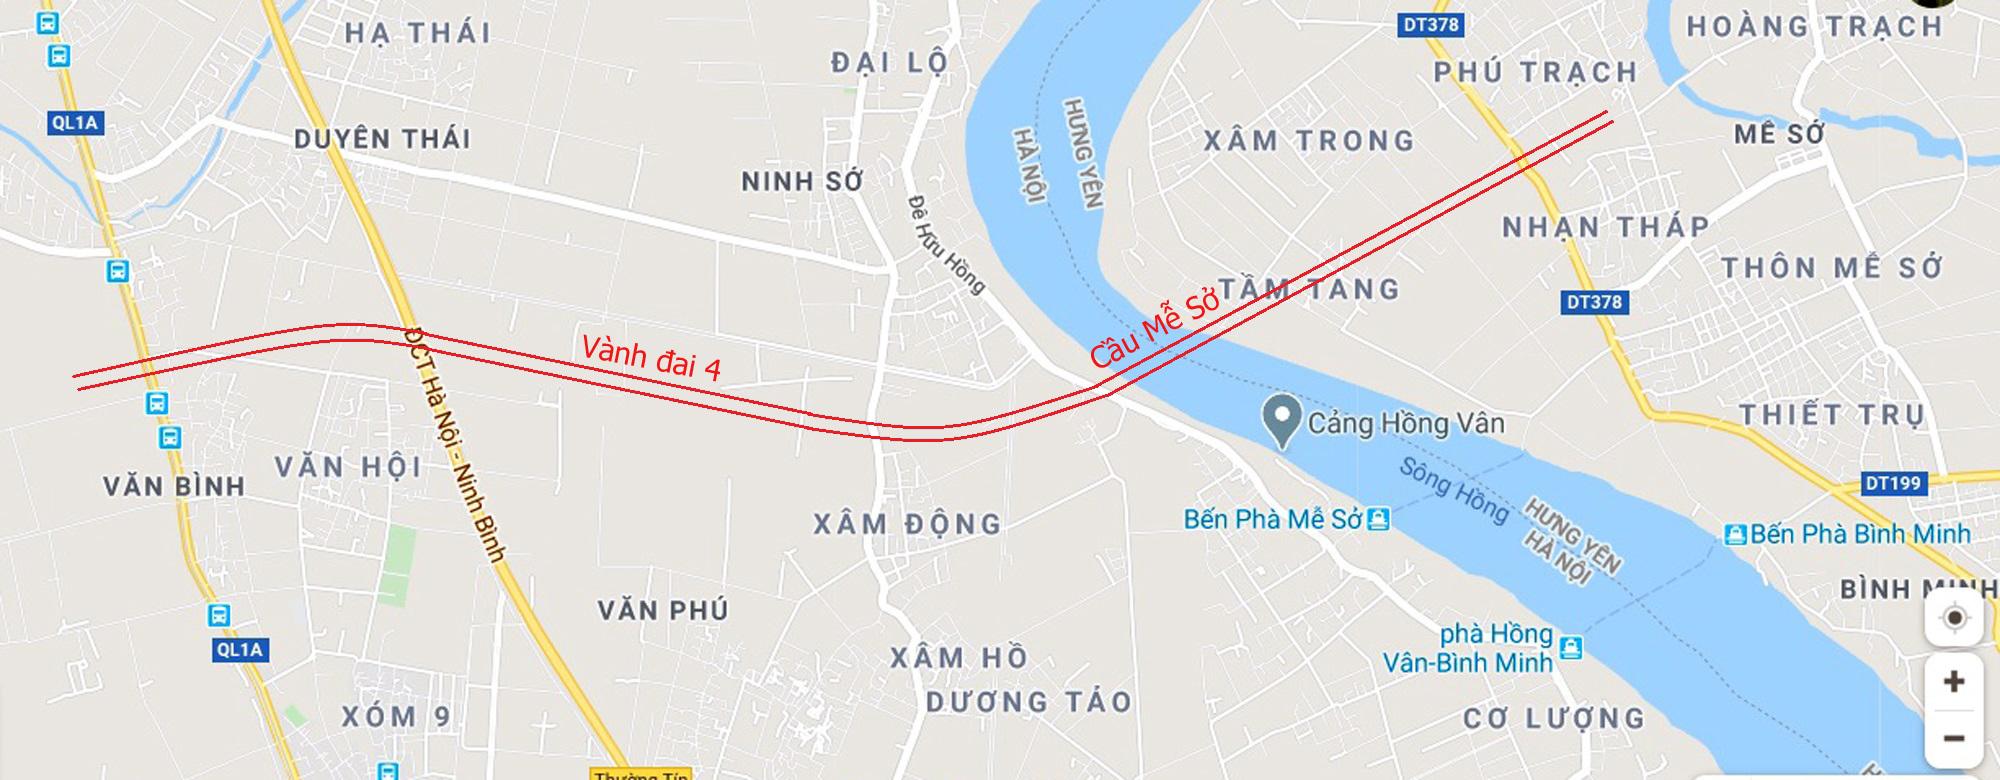 Cầu sẽ mở theo qui hoạch ở Hà Nội: Toàn cảnh vị trí làm cầu Mễ Sở nối Văn Giang - Thường Tín - Ảnh 2.